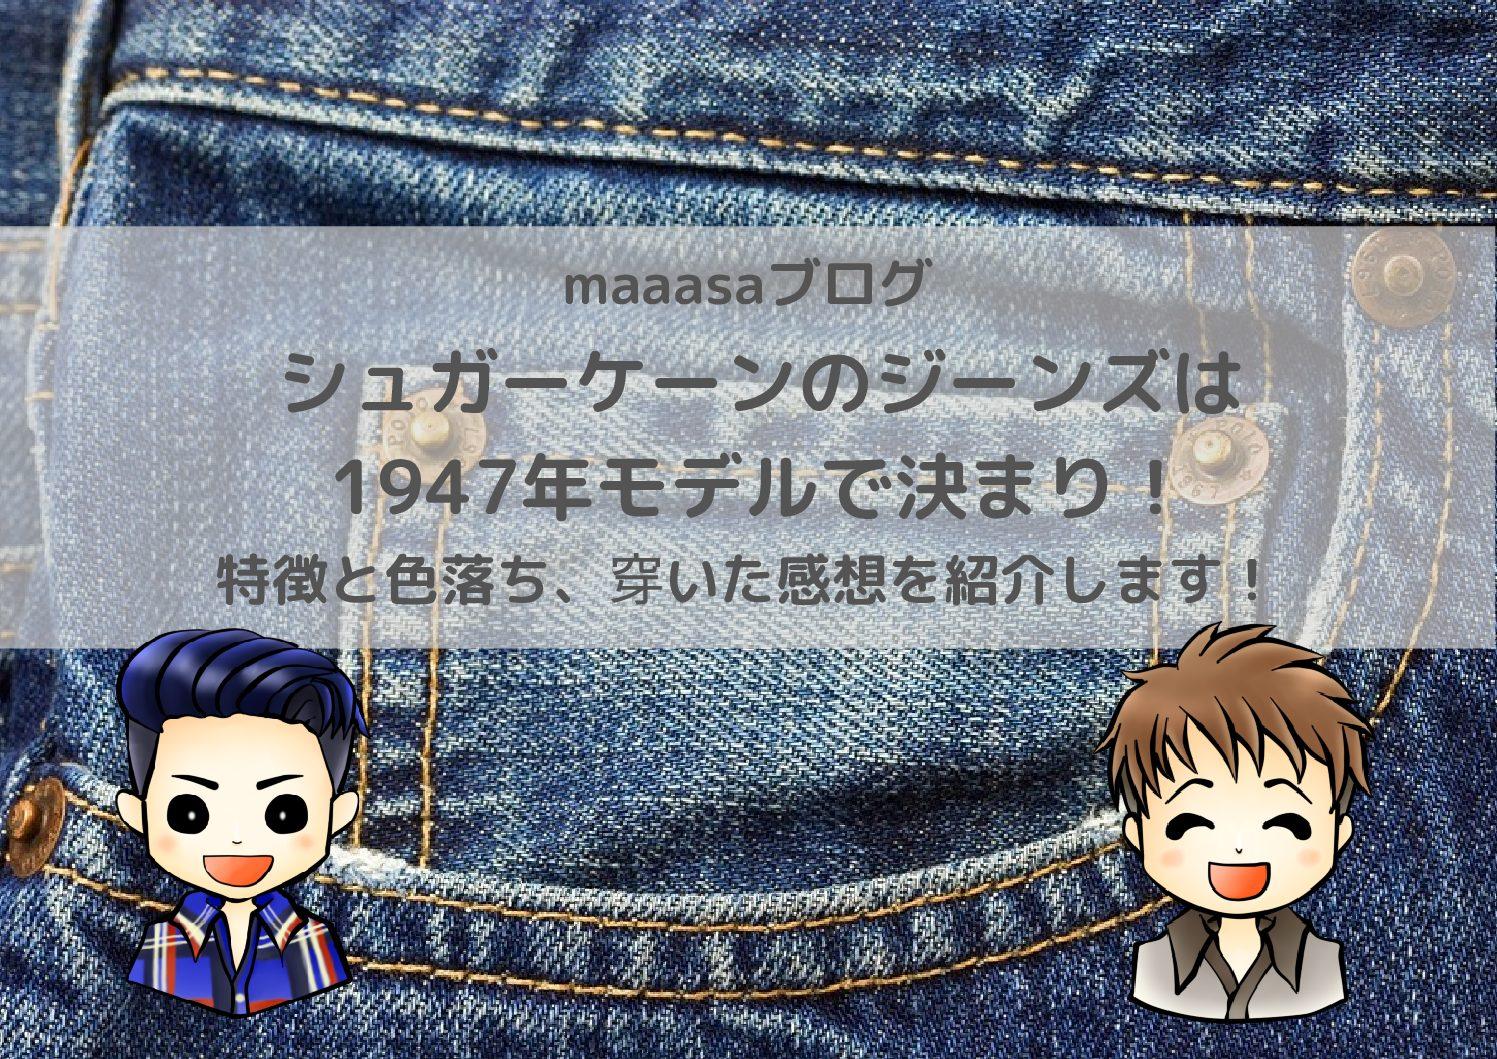 シュガーケーンのジーンズは1947年モデルで決まり!色落ちや特徴を紹介します!